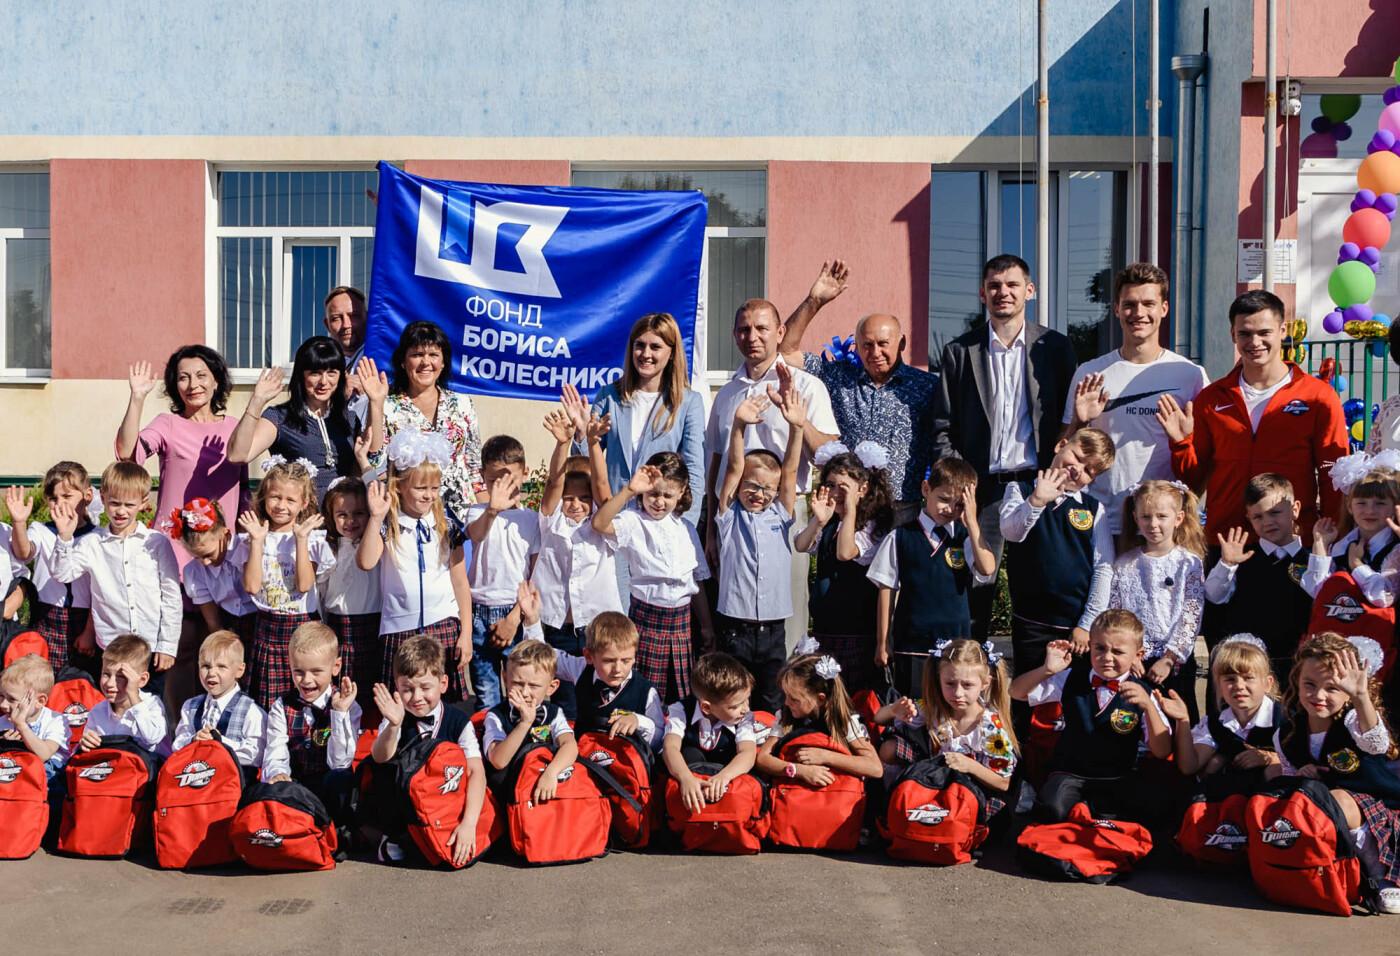 Как прошел День знаний на Донбассе: торжественные линейки и подарки от звезд хоккея, фото-8